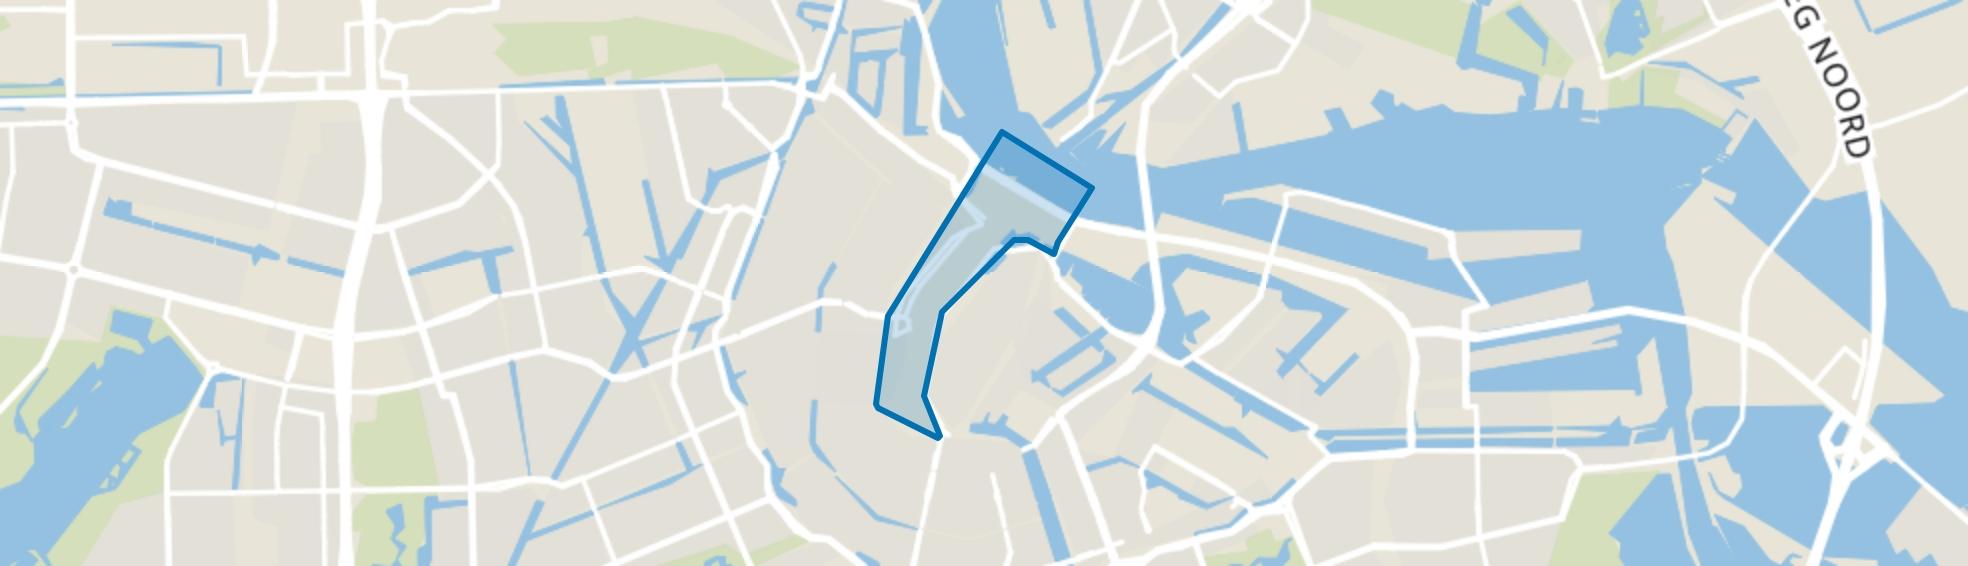 Burgwallen-Nieuwe Zijde, Amsterdam map